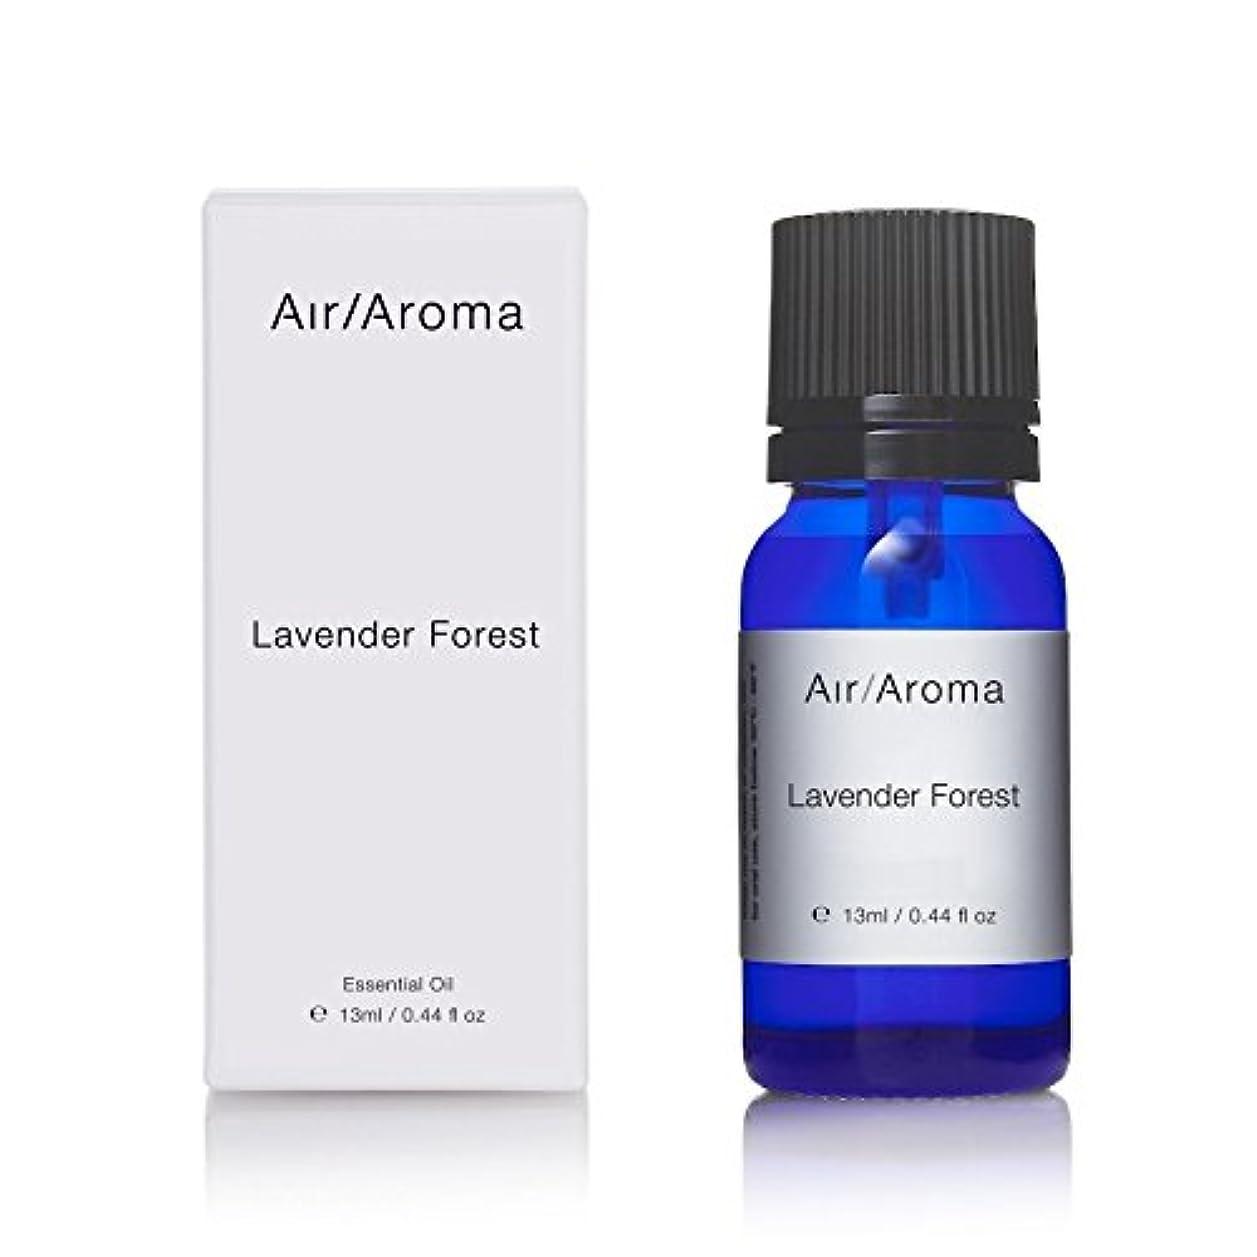 親密なに対処する預言者エアアロマ lavender forest (ラベンダーフォレスト) 13ml